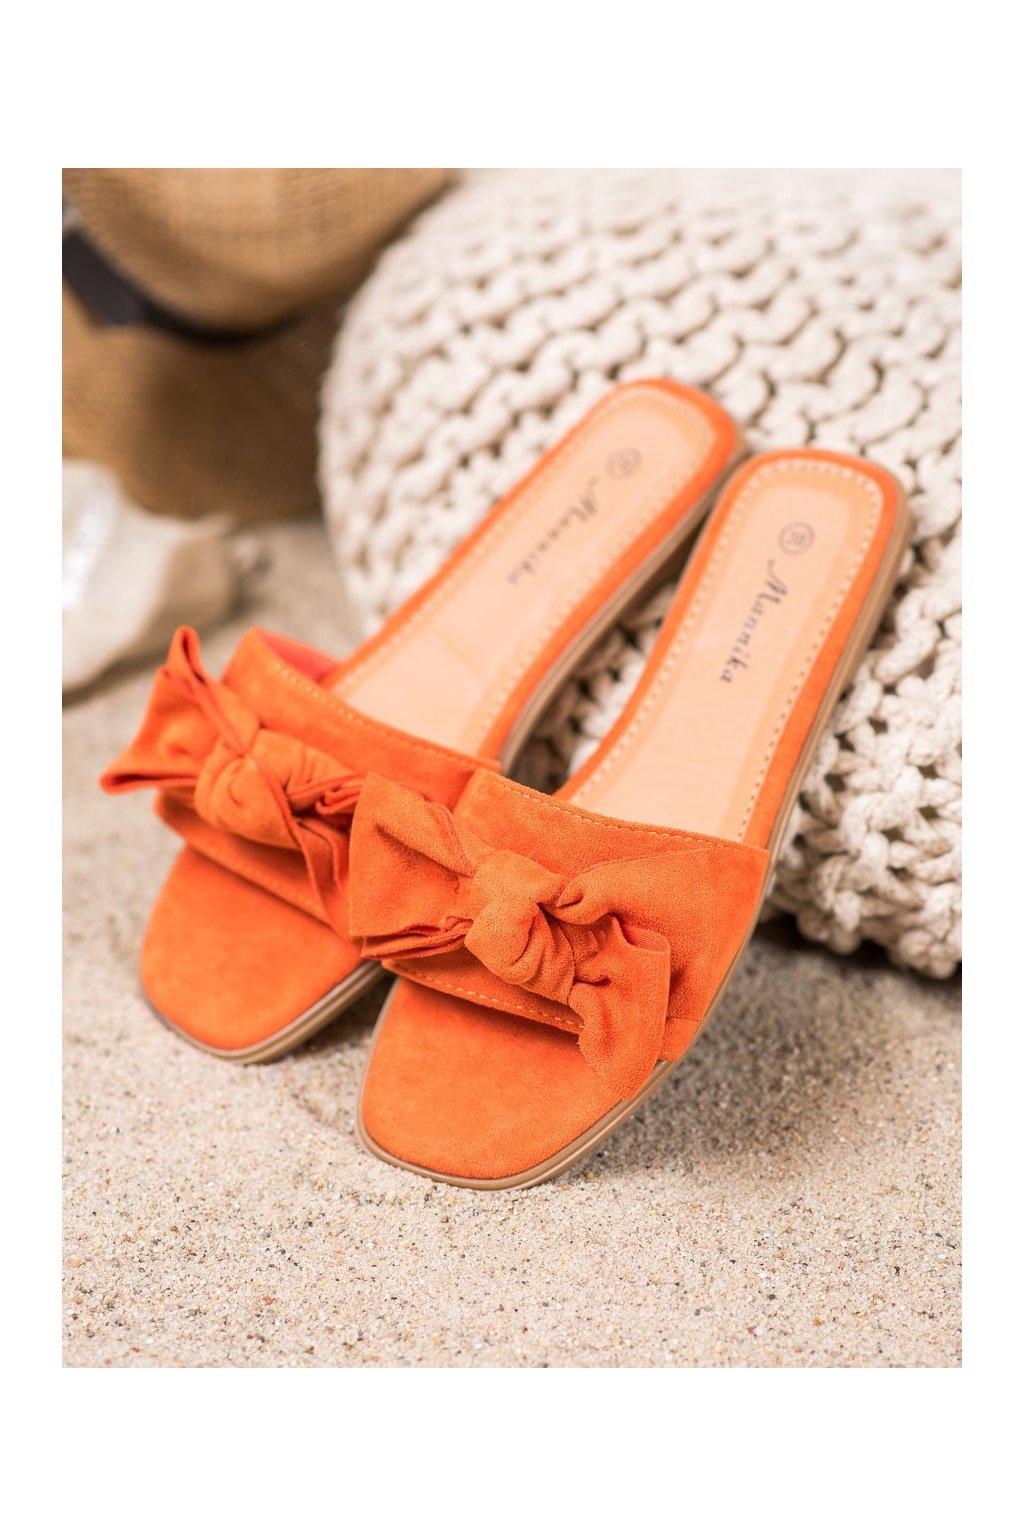 Oranžové šľapky Mannika kod WL1607OR